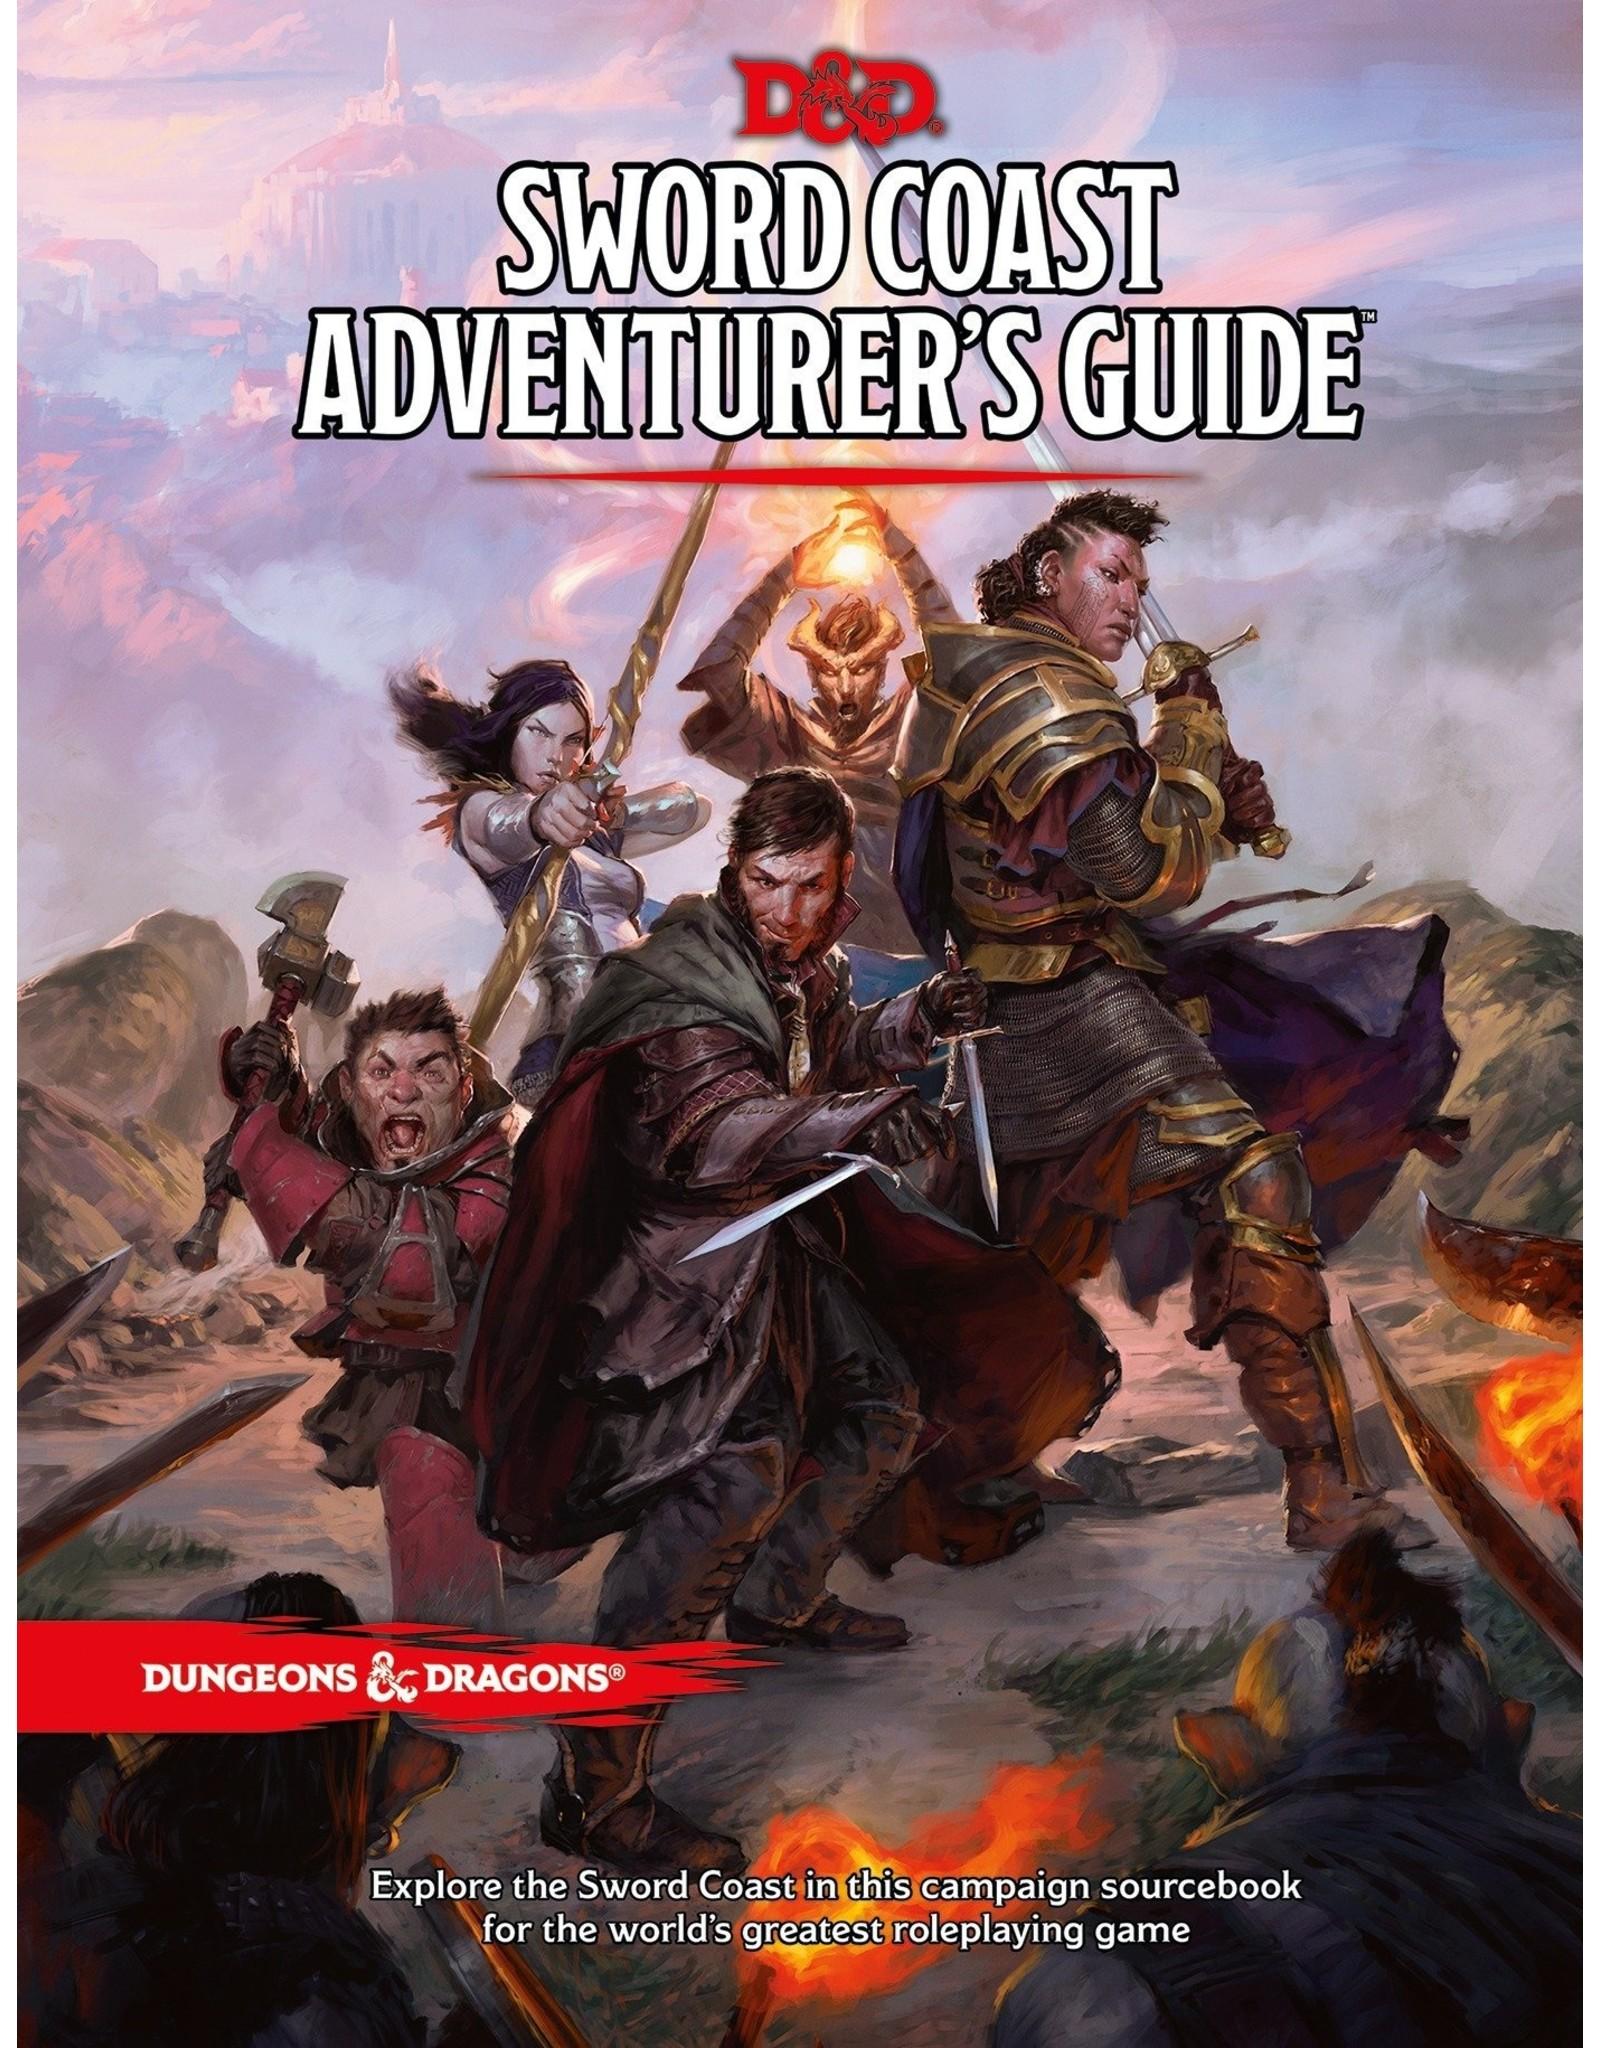 Dungeons & Dragons D&D Next Sword Coast Adventurer's Guide